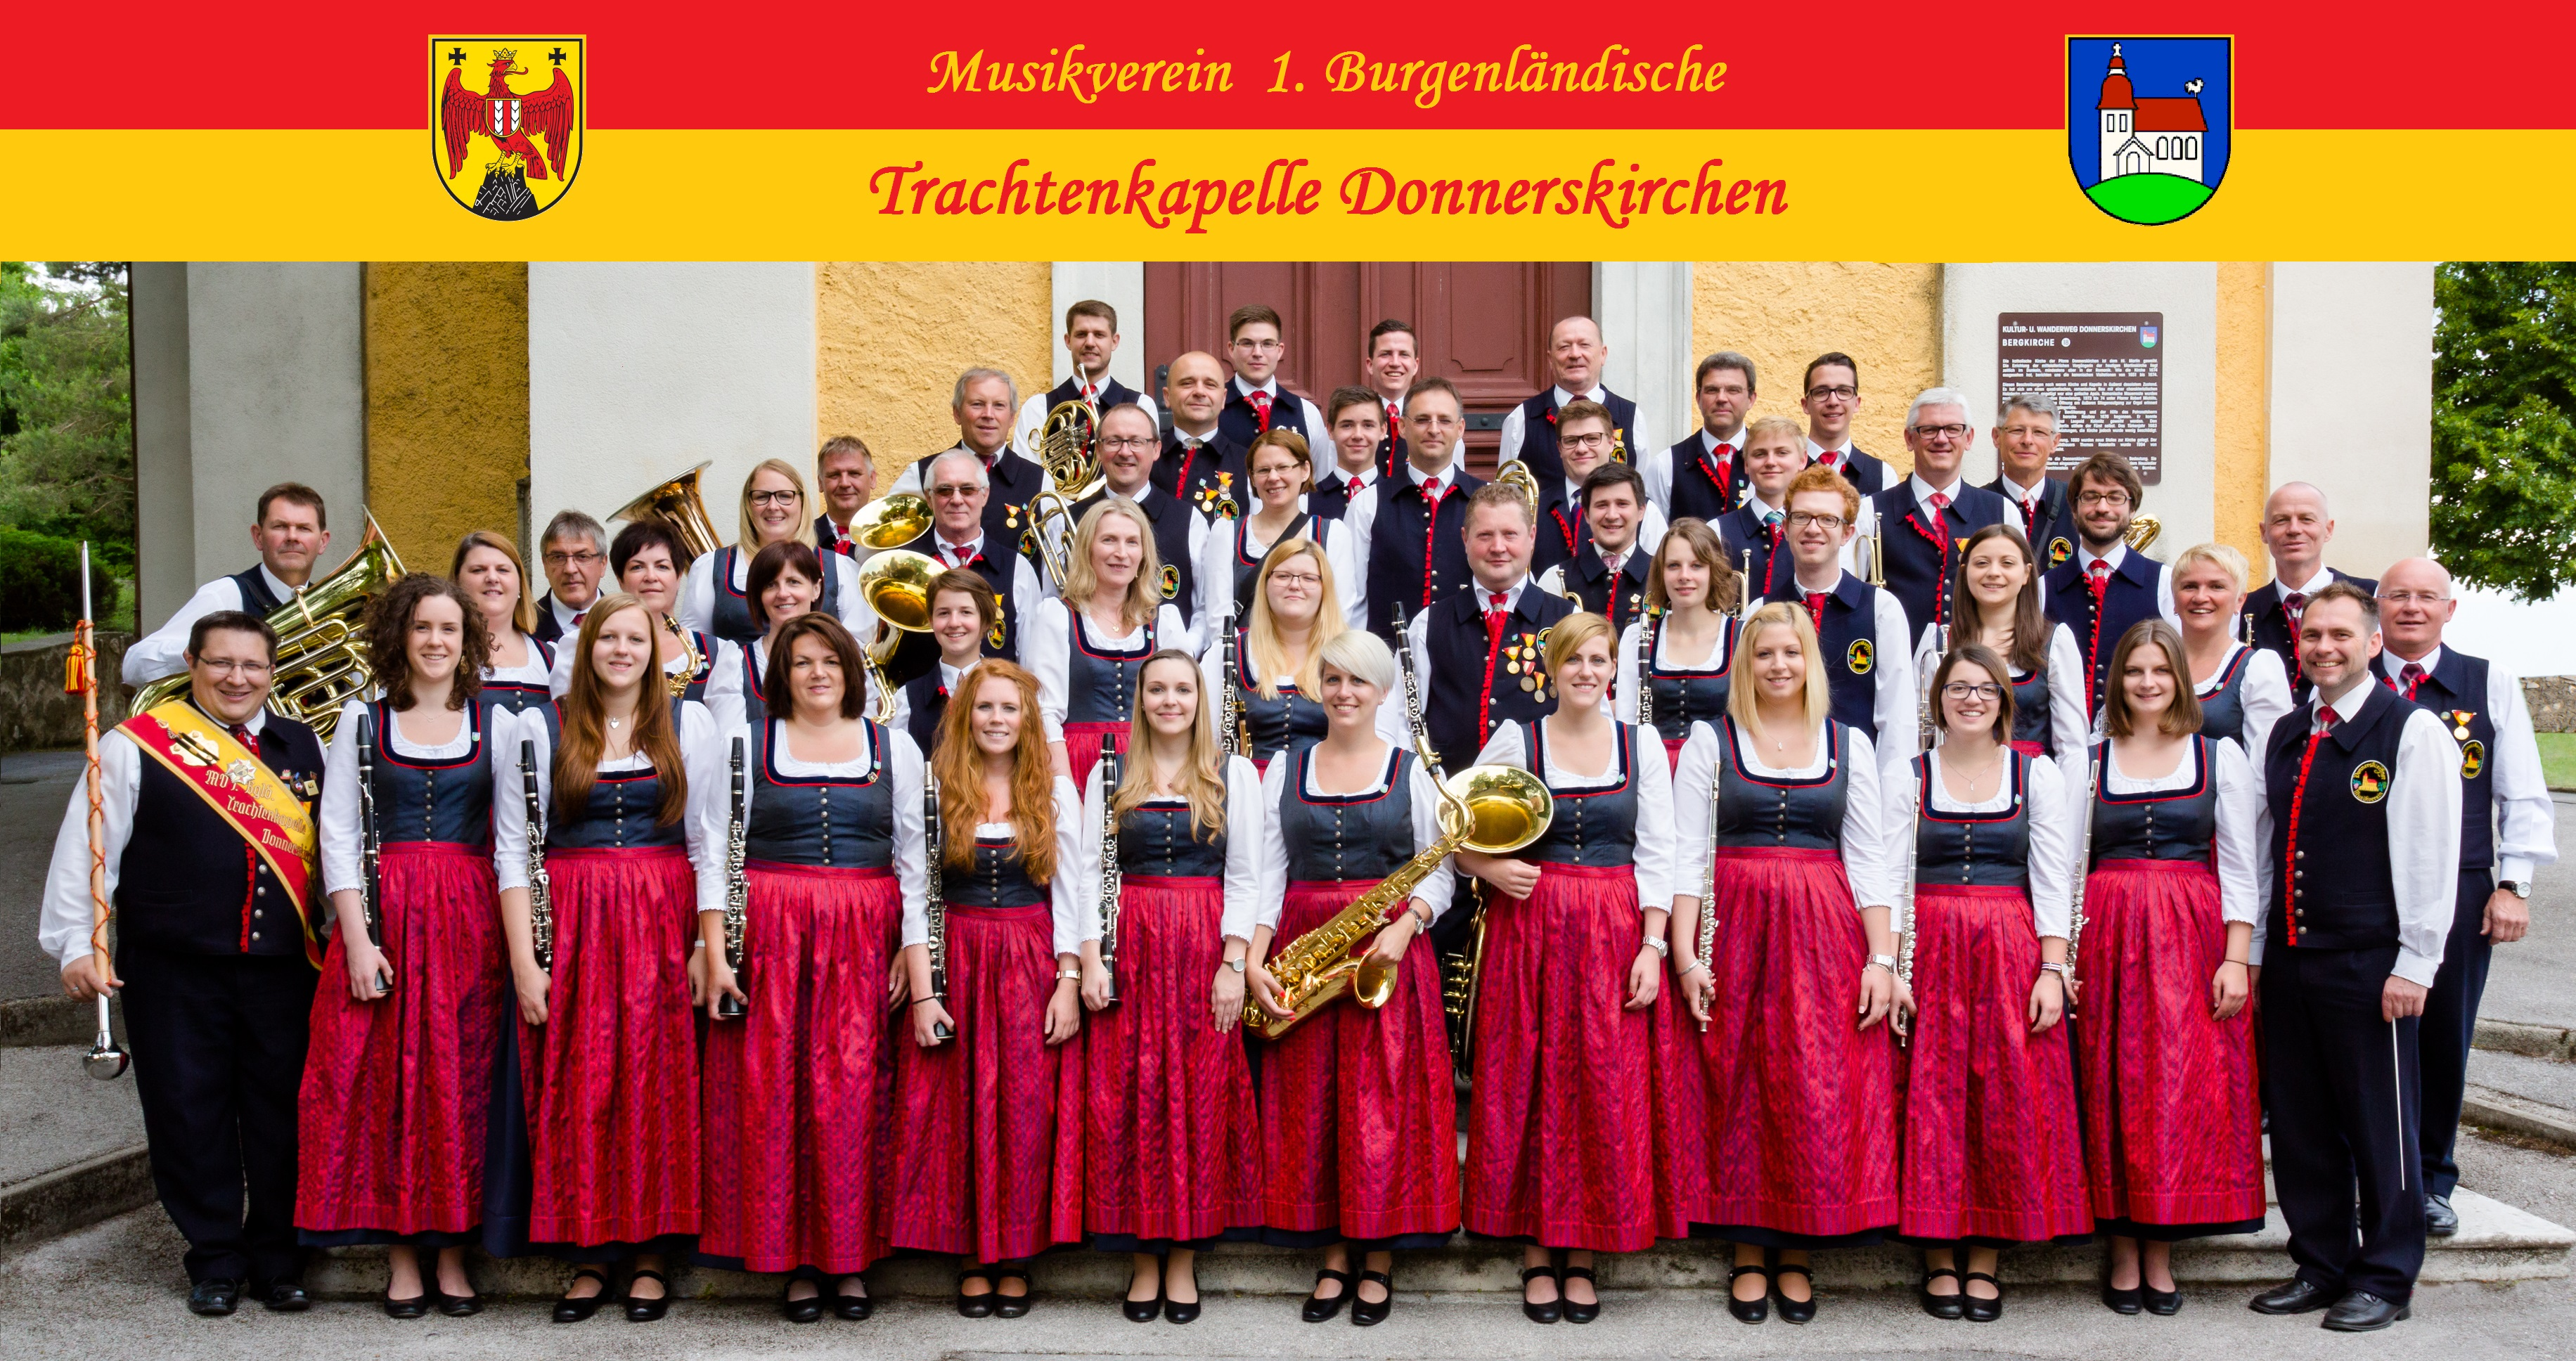 Musikverein 1. Burgenländische Trachtenkapelle Donnerskirchen